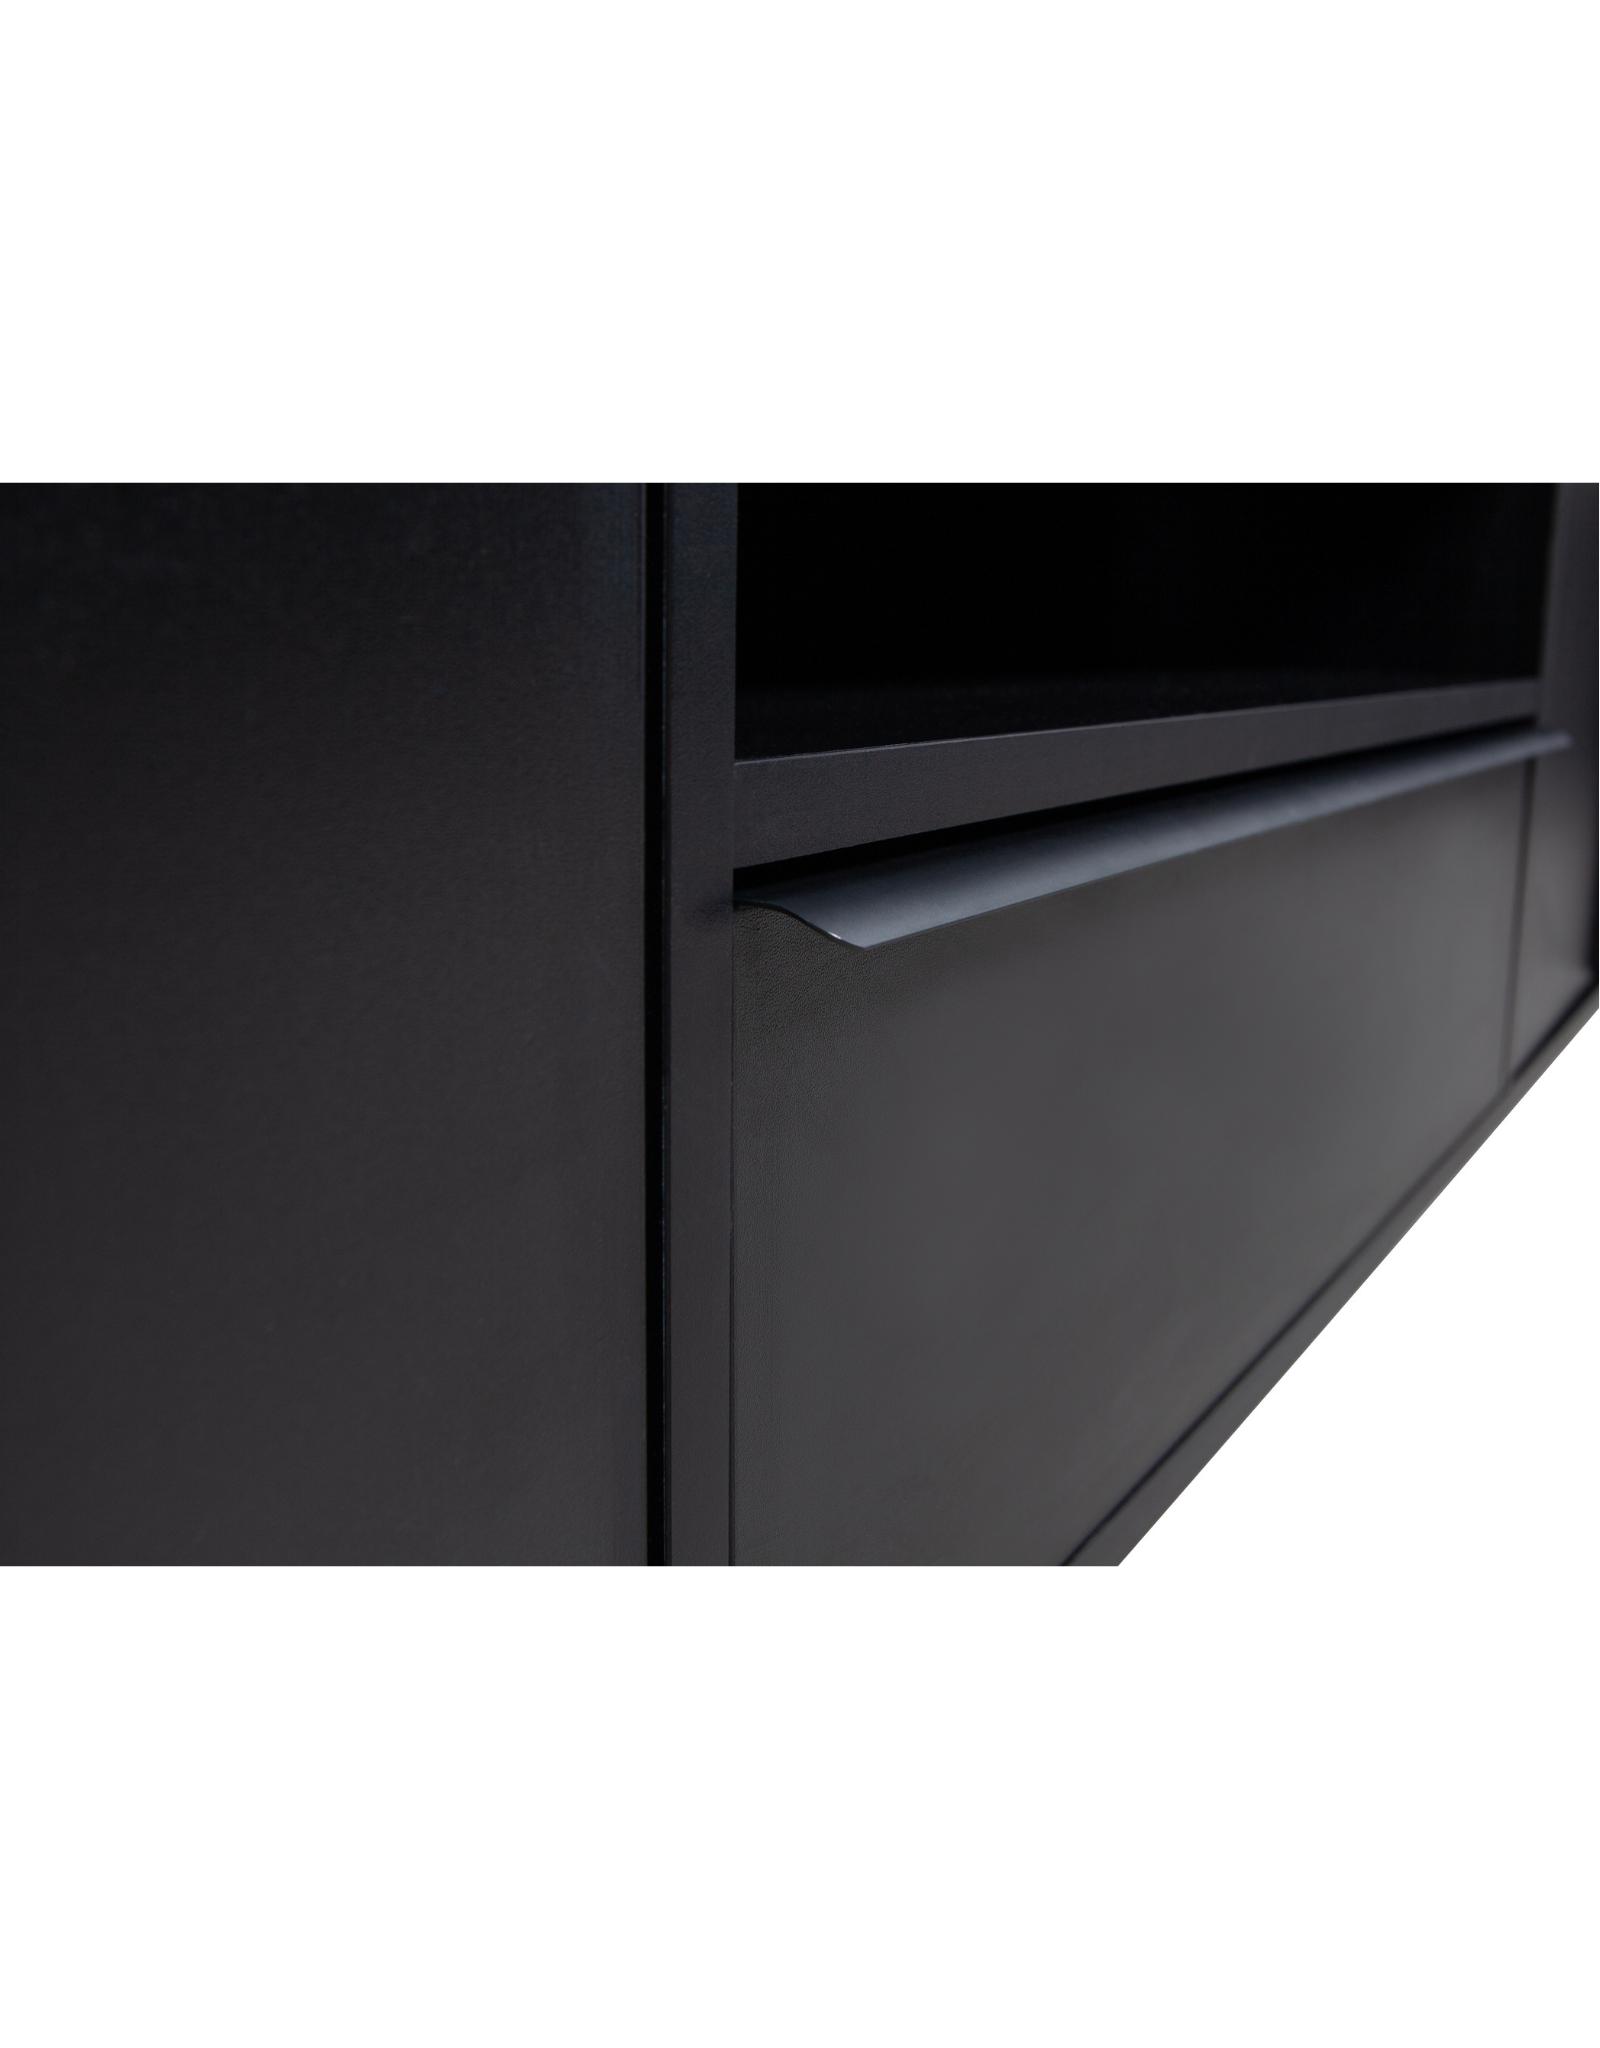 TV Wandkast - zwart metaal & MDF